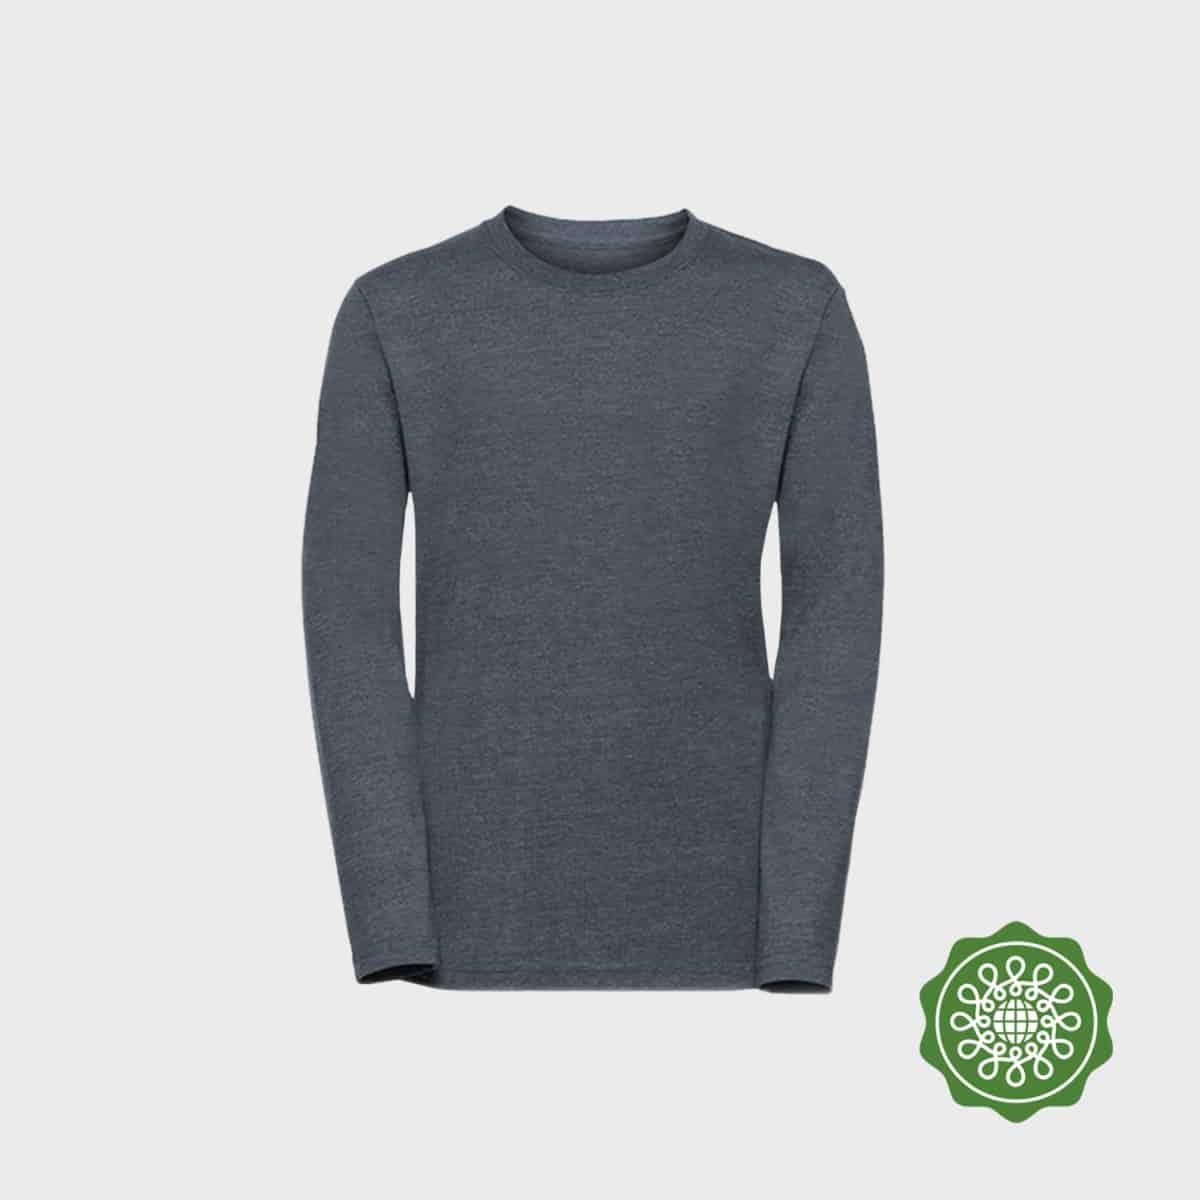 Kindersweatshirt-besticken-lassen-kaufen